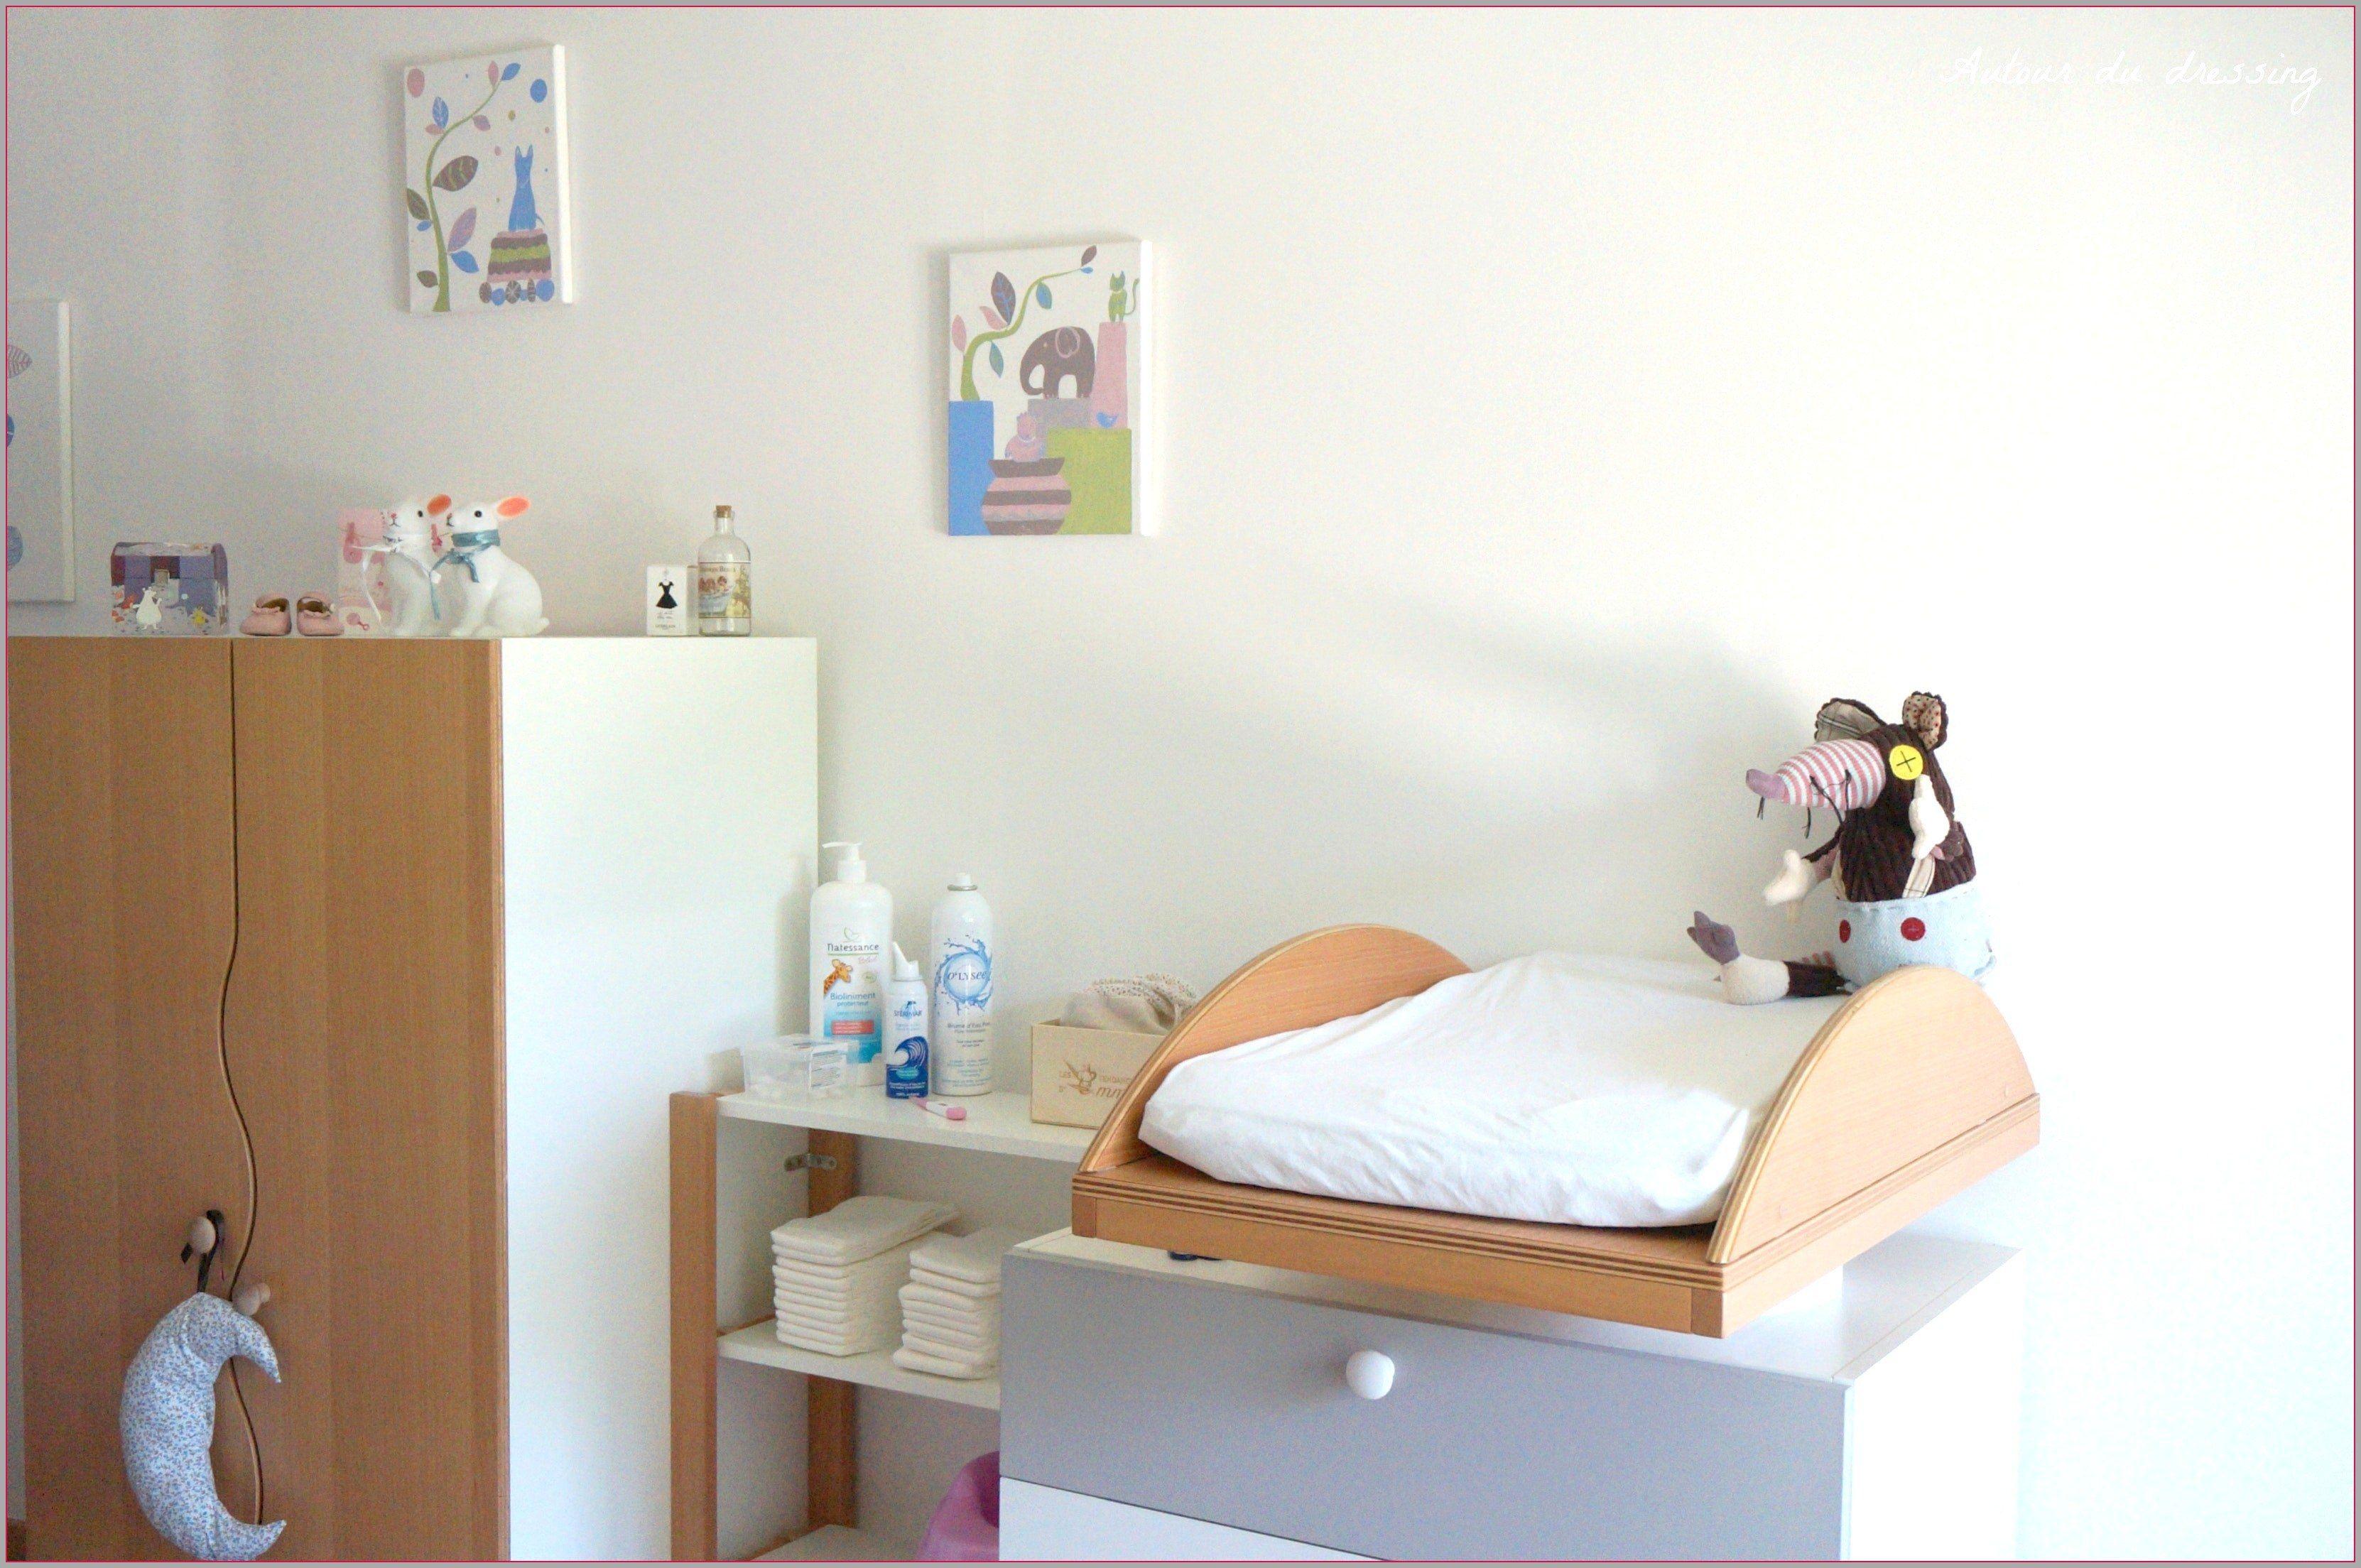 tour de lit b b 70 140 unique chambre b b carrefour l gant lit. Black Bedroom Furniture Sets. Home Design Ideas